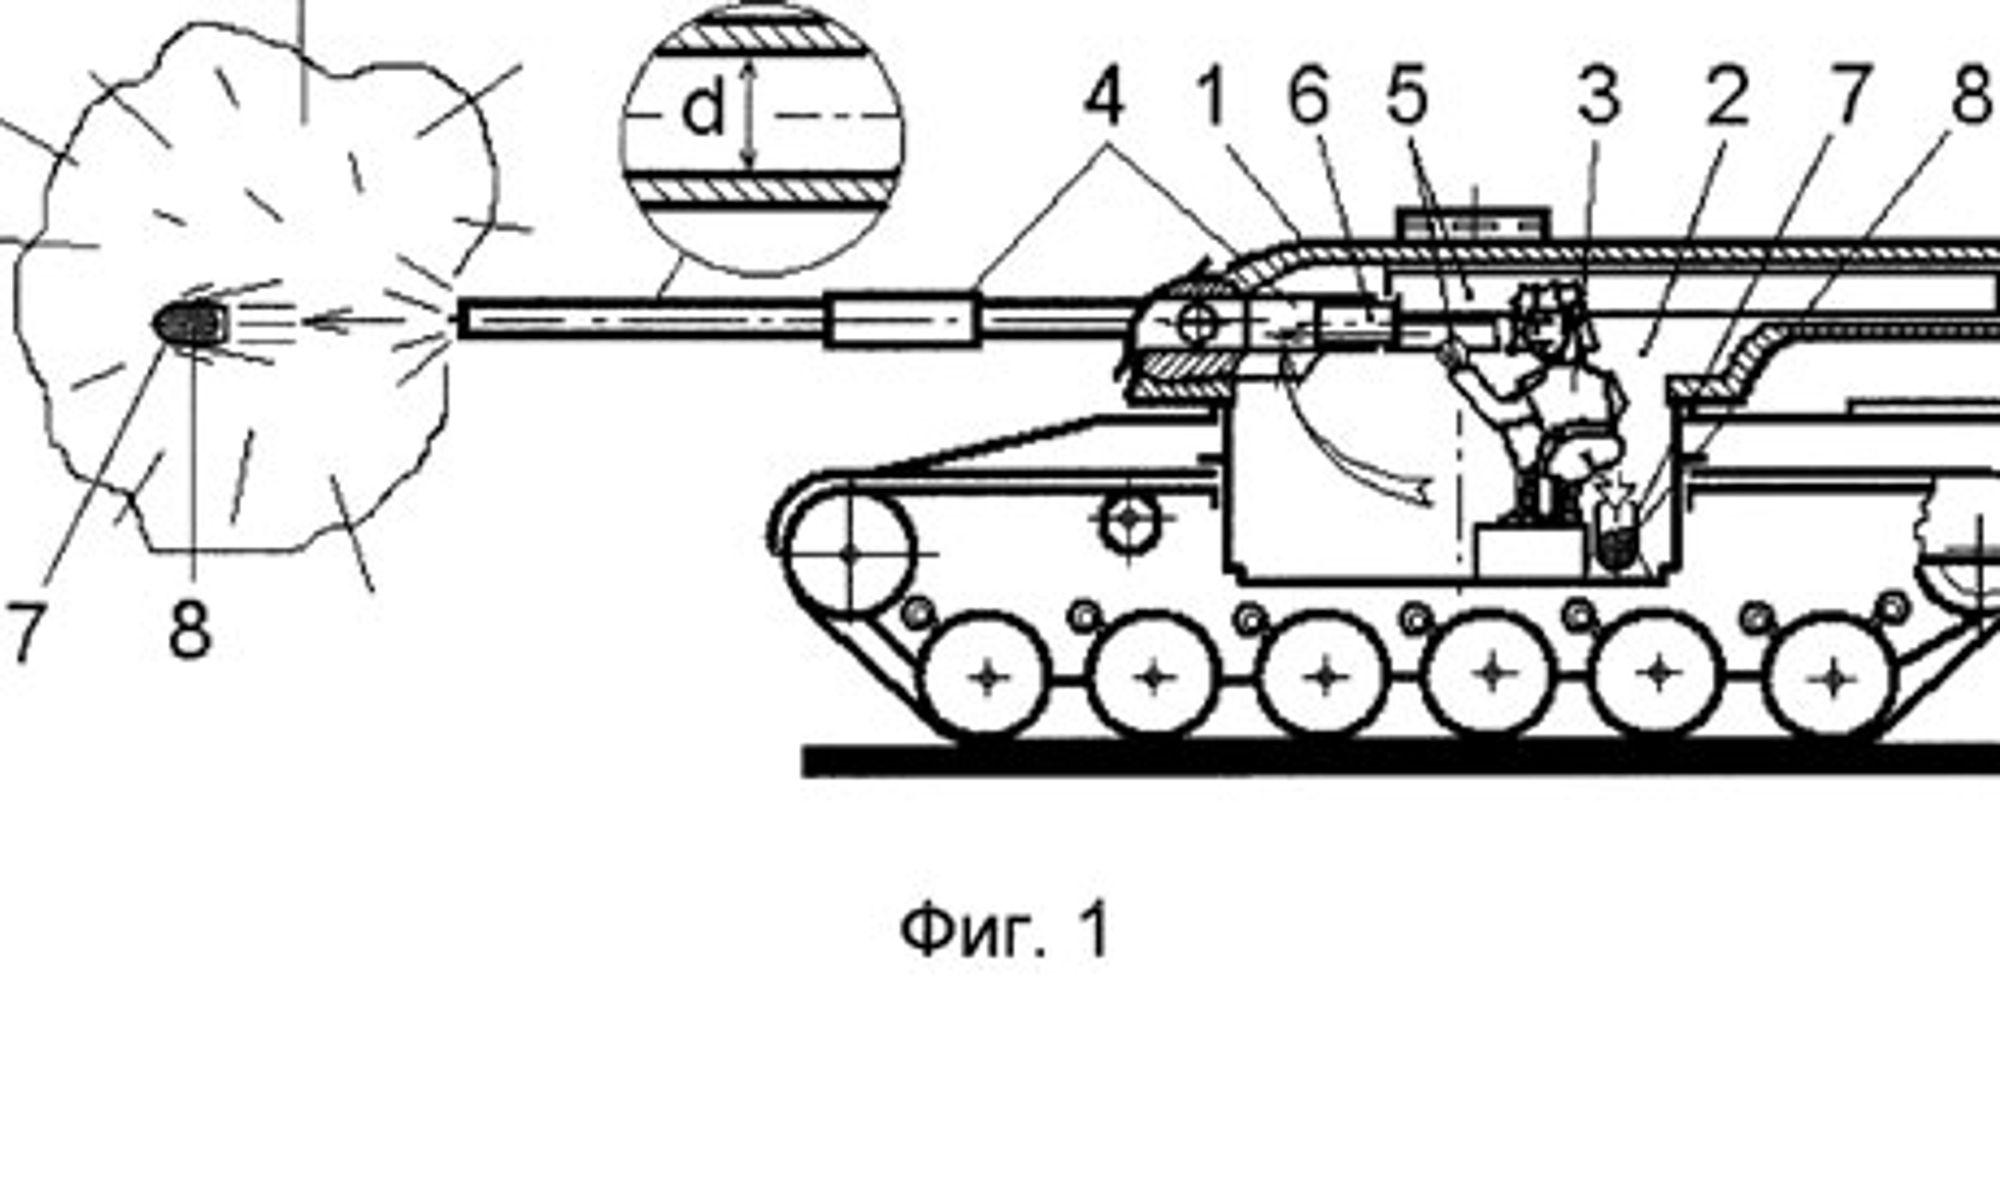 En tegning som illustrerer patentet.